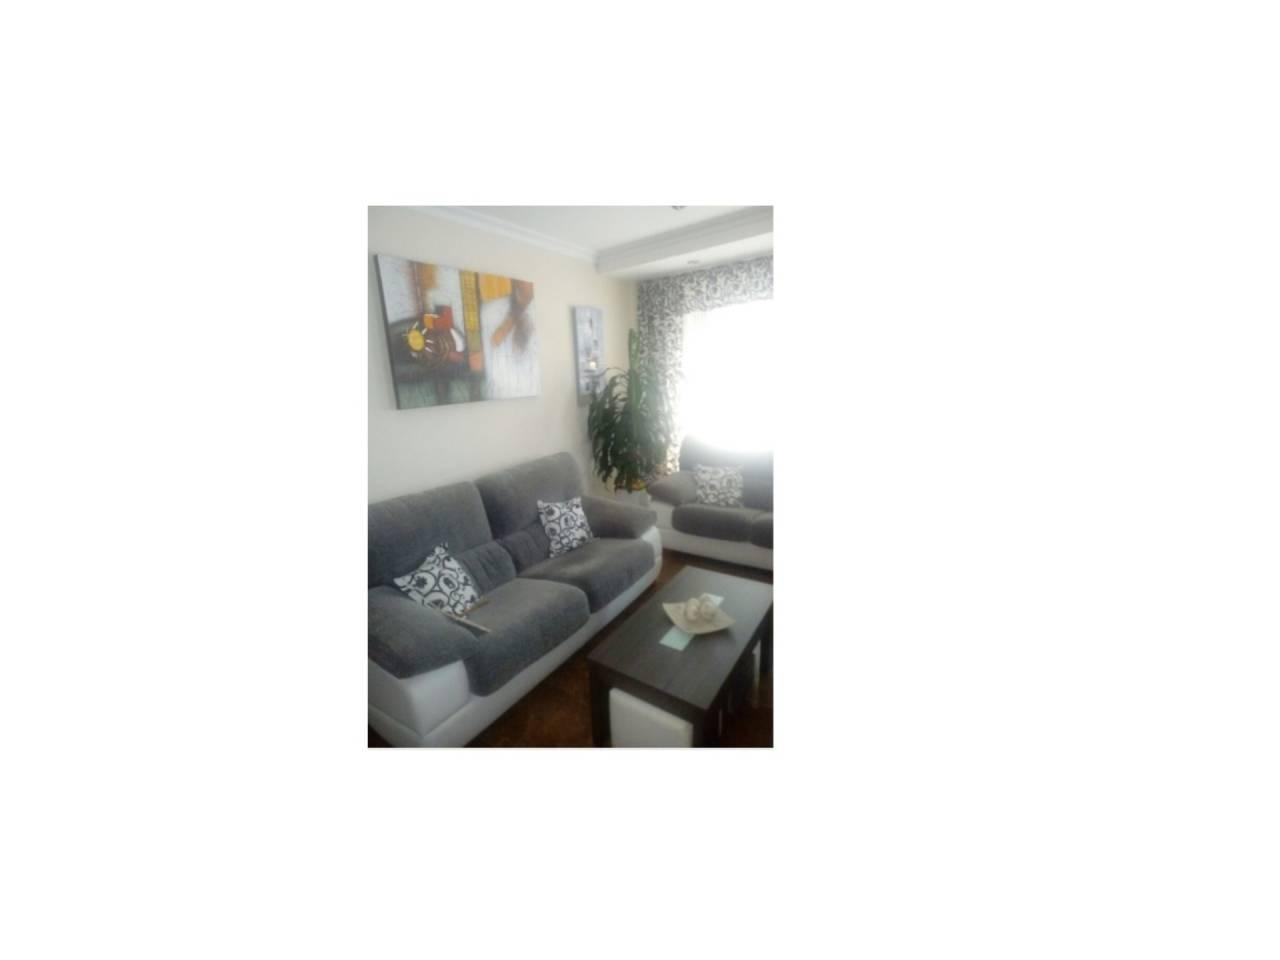 Affitto Appartamento  Alfafar. Altura piso 1º con ascensor , piso superficie total 123 m², supe